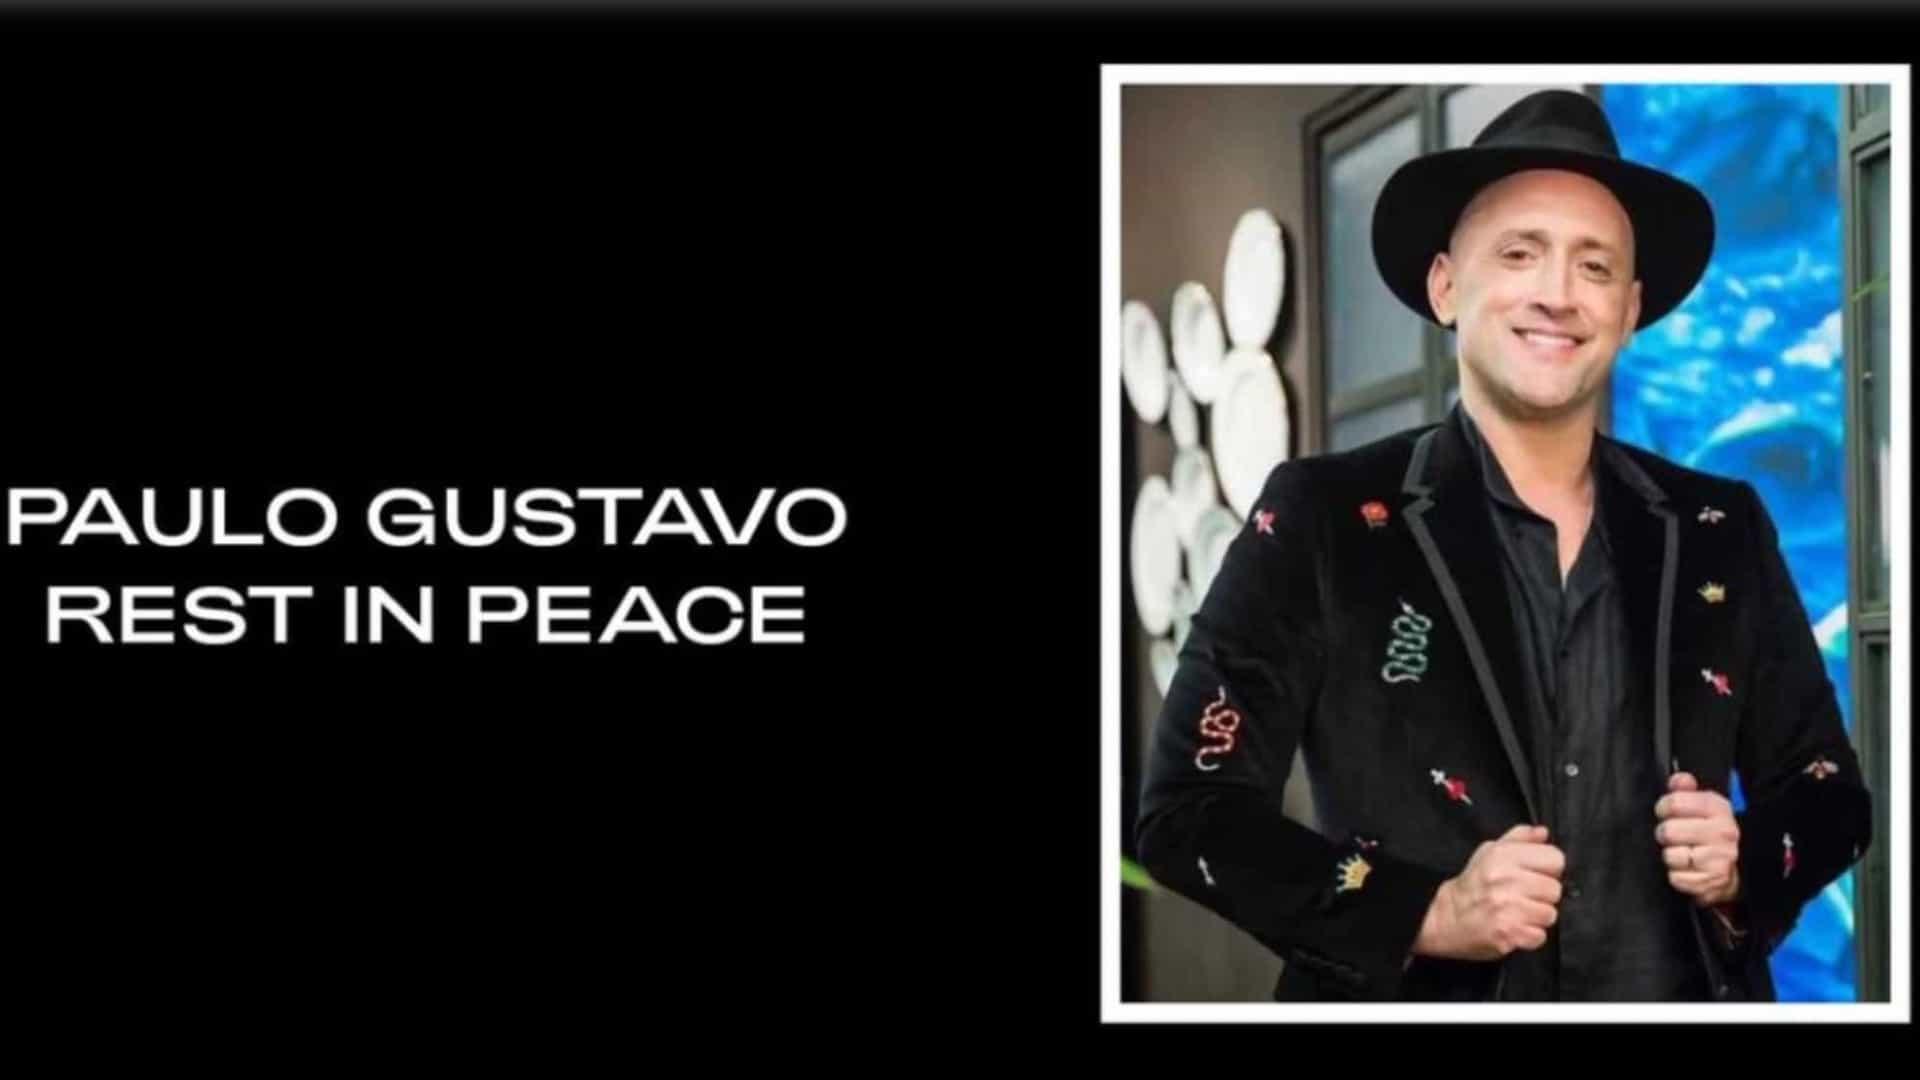 """naom 609296718195f - Beyoncé faz homenagem ao ator Paulo Gustavo: """"Descanse em paz"""""""